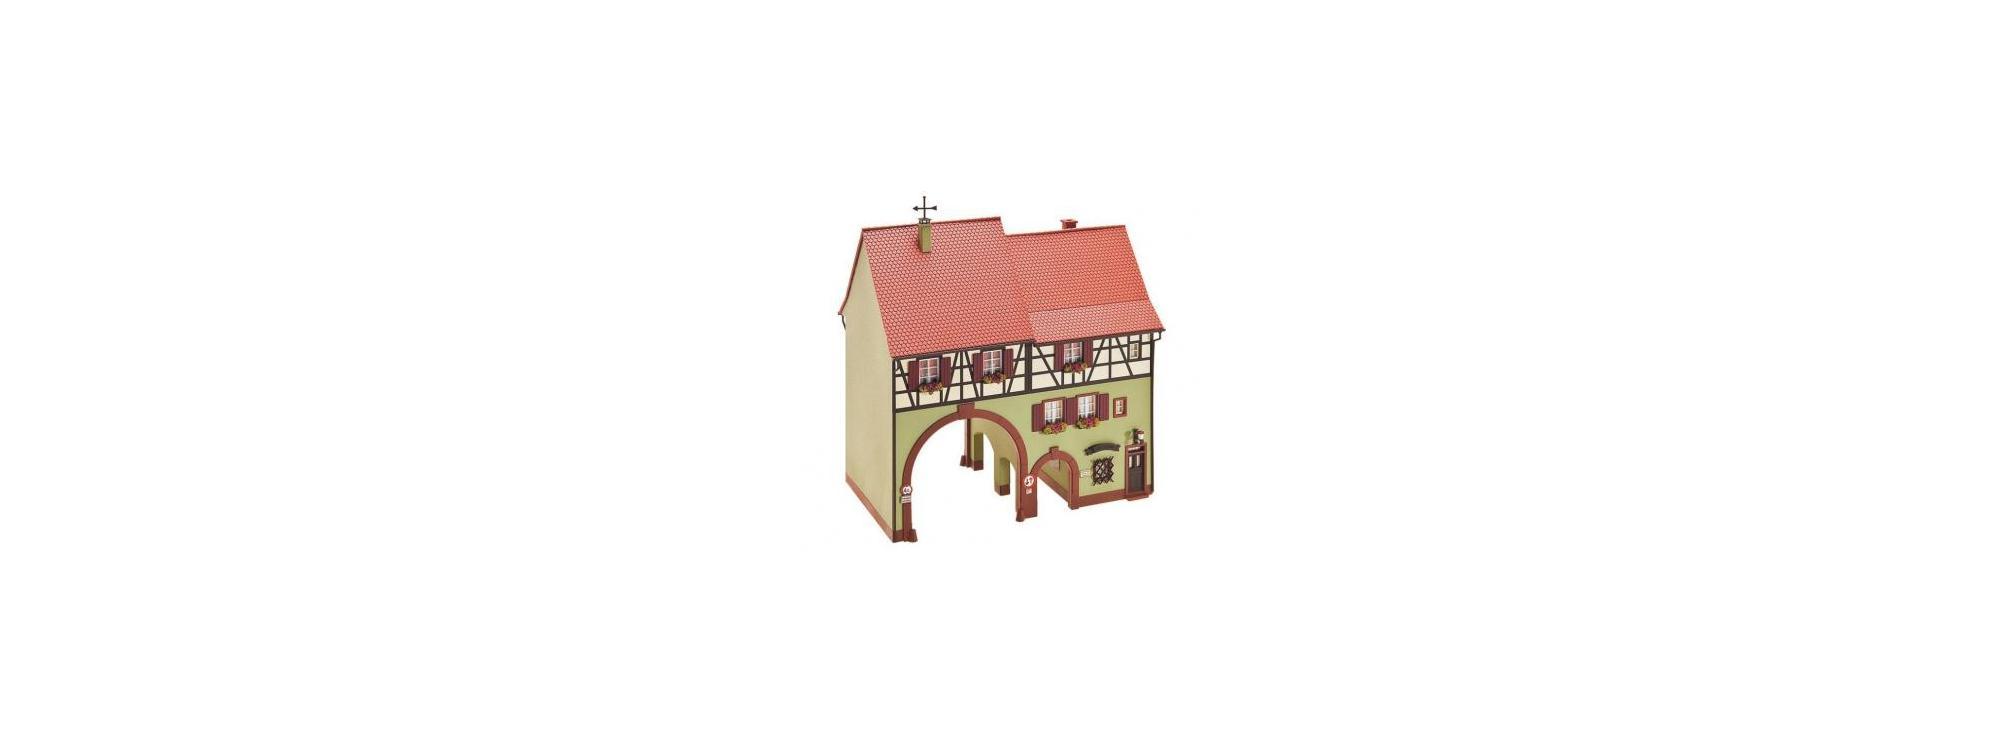 FALLER 130499 Stadthaus Niederes Tor Bausatz H0